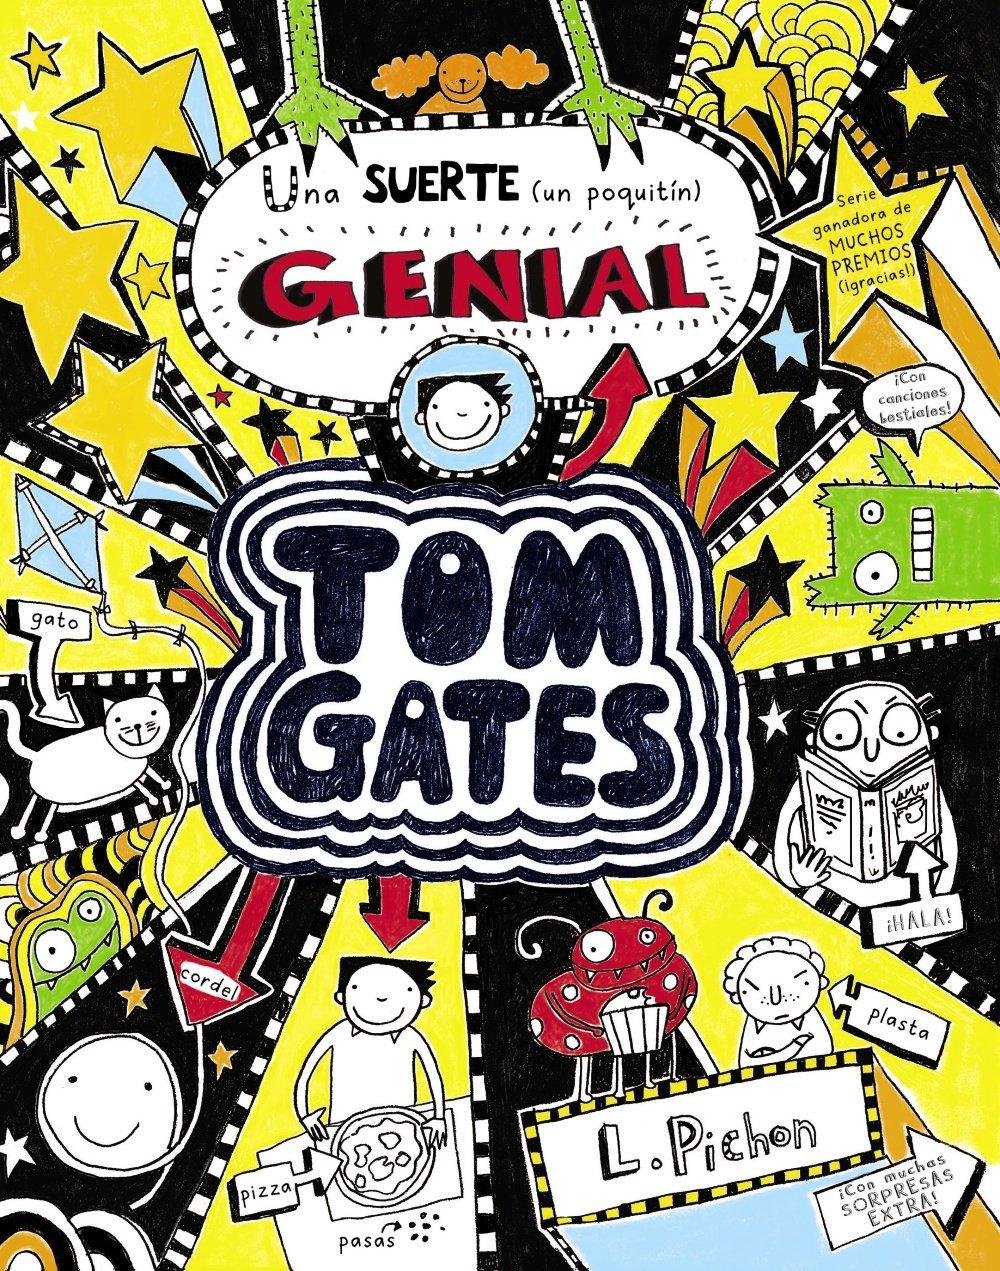 Tom Gates - Una suerte un poquitín genial Castellano - A Partir De 10 Años  - Personajes Y Series - Tom Gates: Amazon.es: Liz Pichon, Daniel Cortés  Coronas: ...